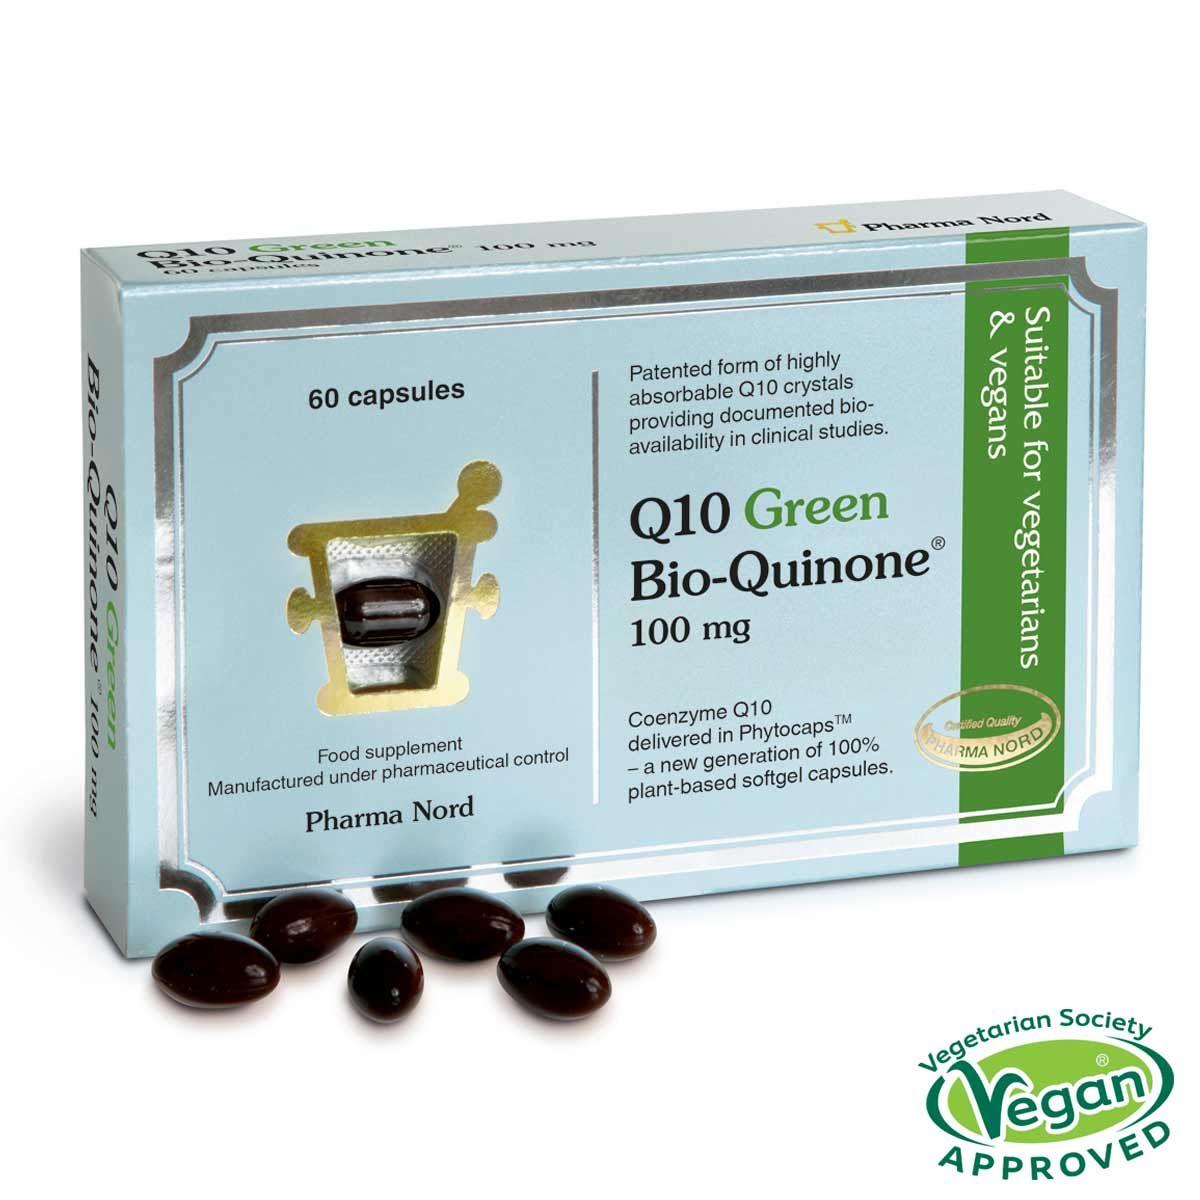 Q10 Green Bio-Quinone 100mg 60's